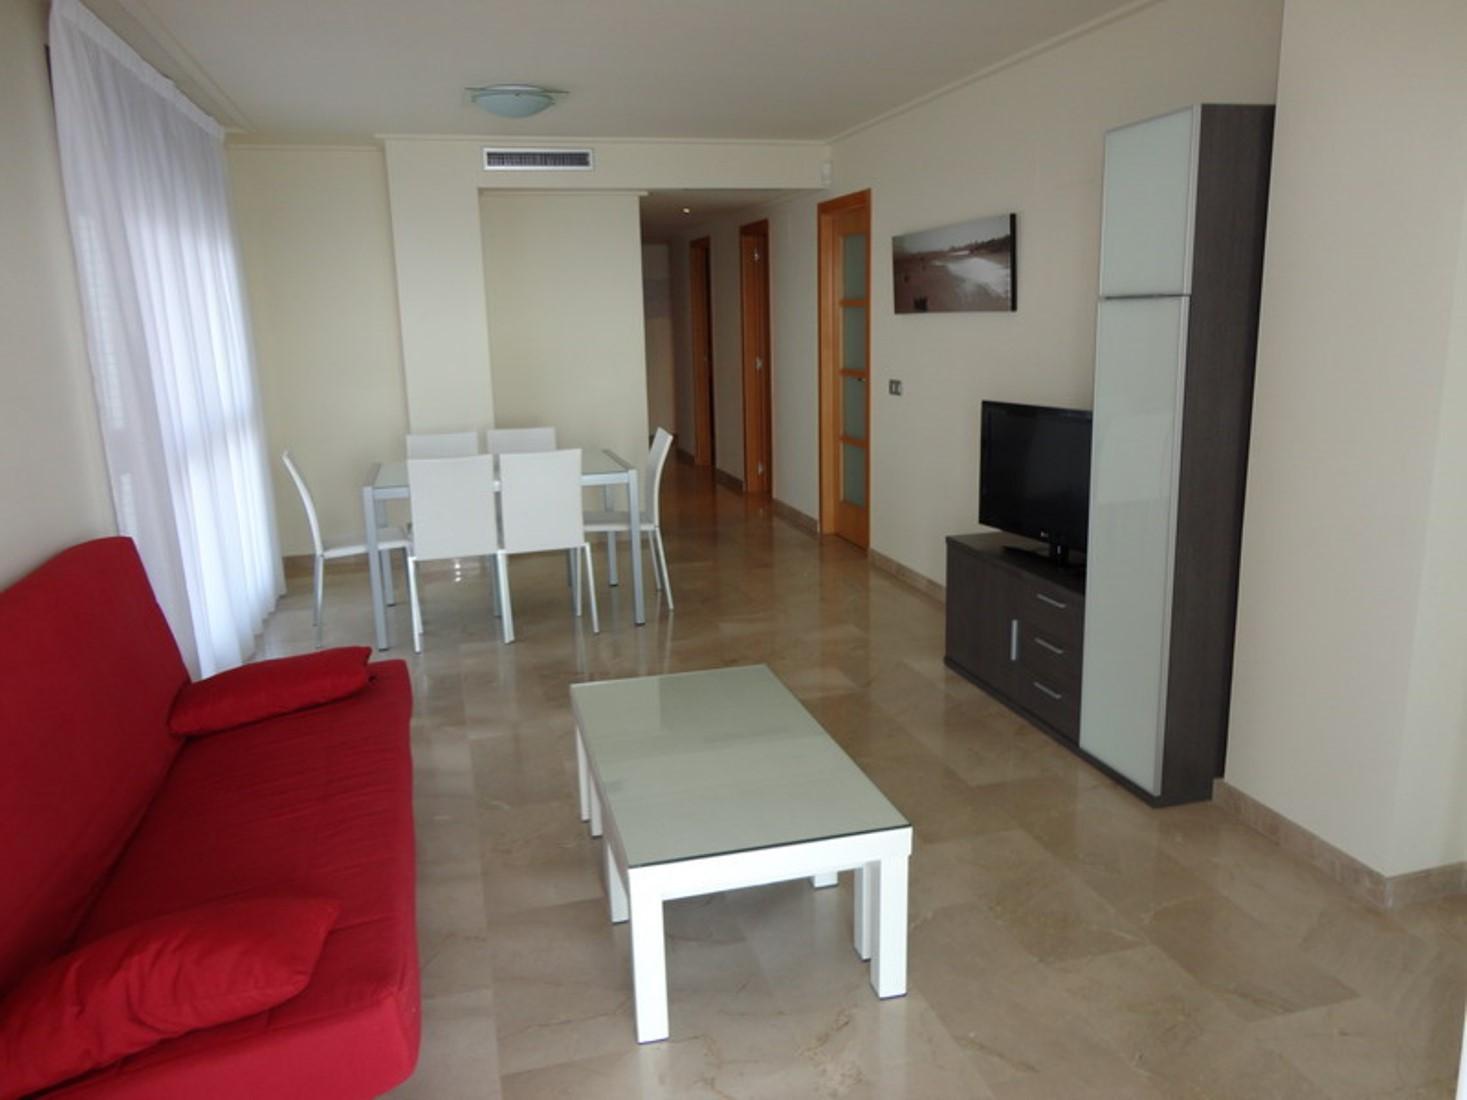 Apartments in oropesa del mar alquiler de apartamentos en oropesa del mar - Alquiler apartamentos oropesa del mar ...